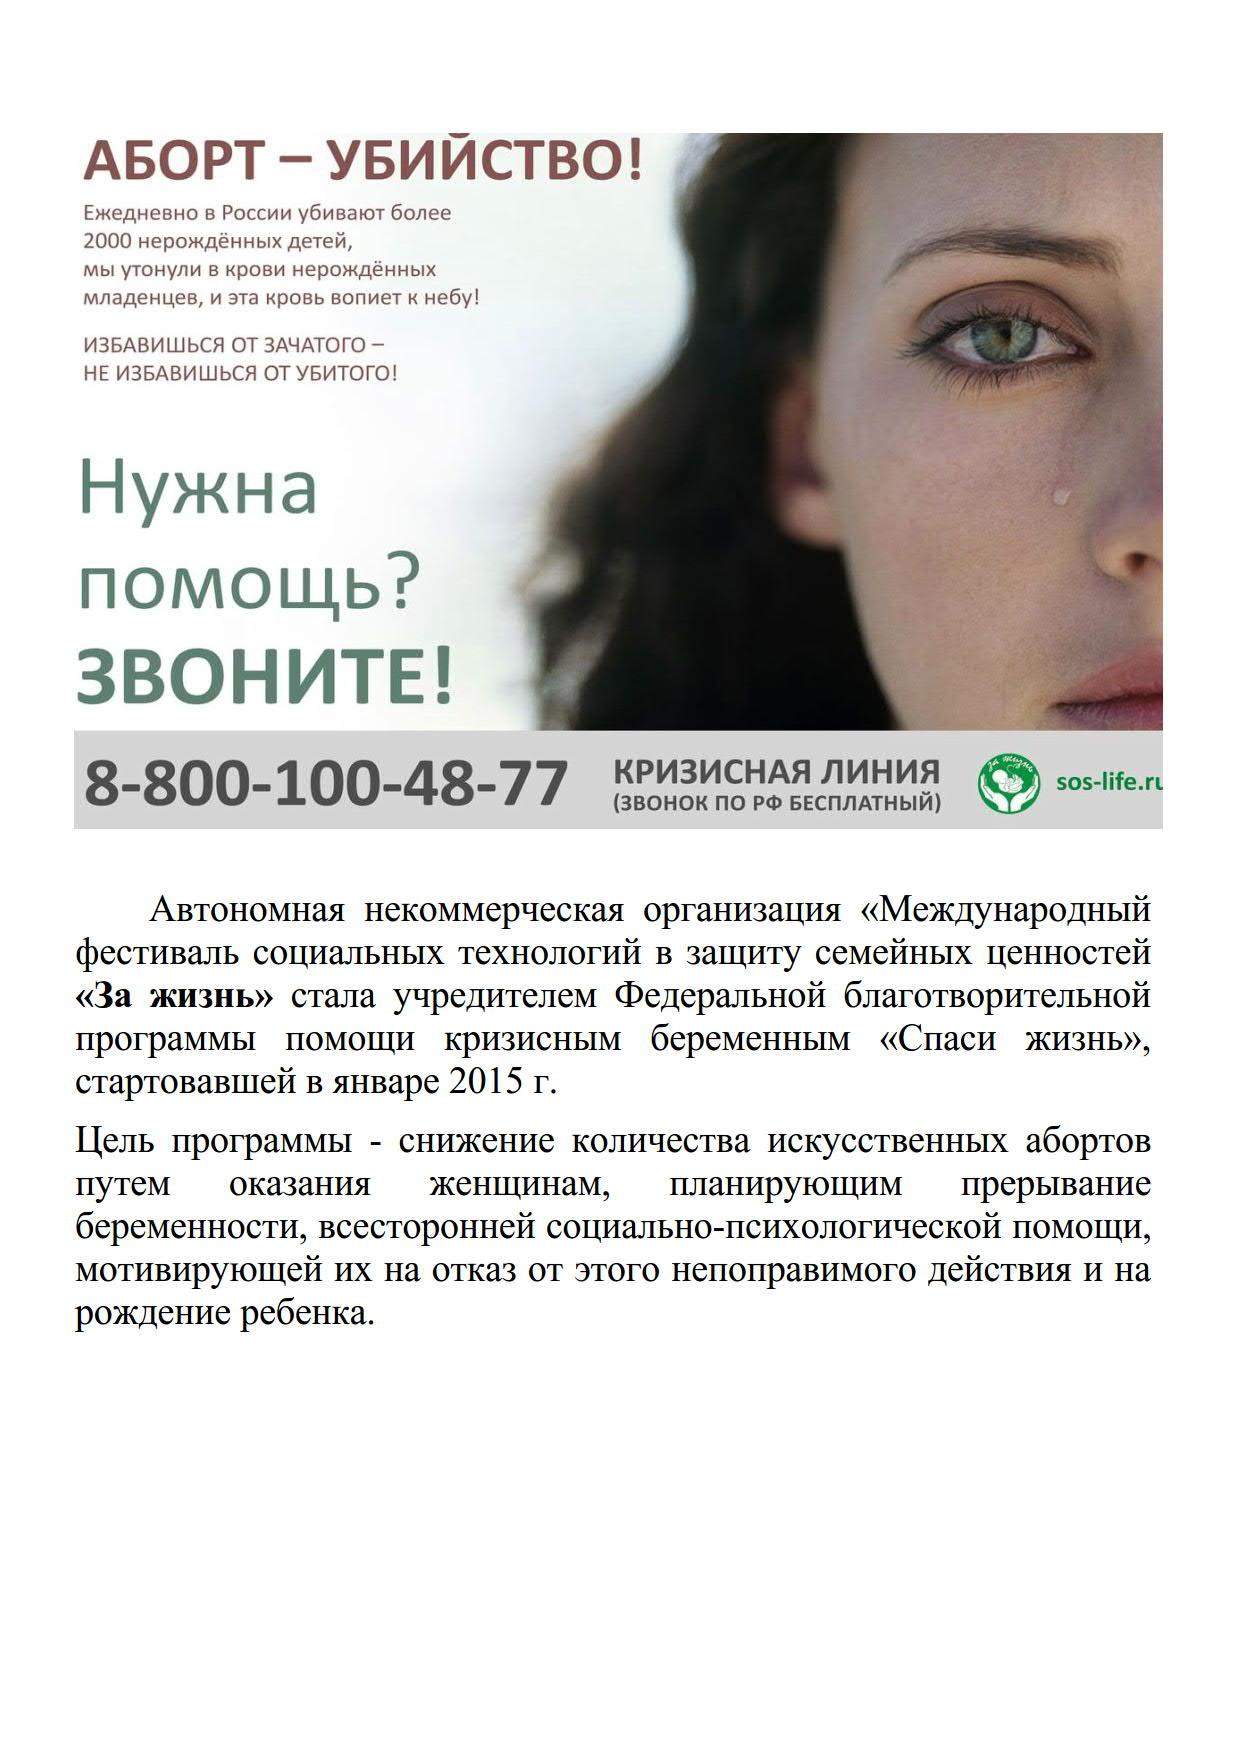 Спаси жизнь программа помощи беременным 466